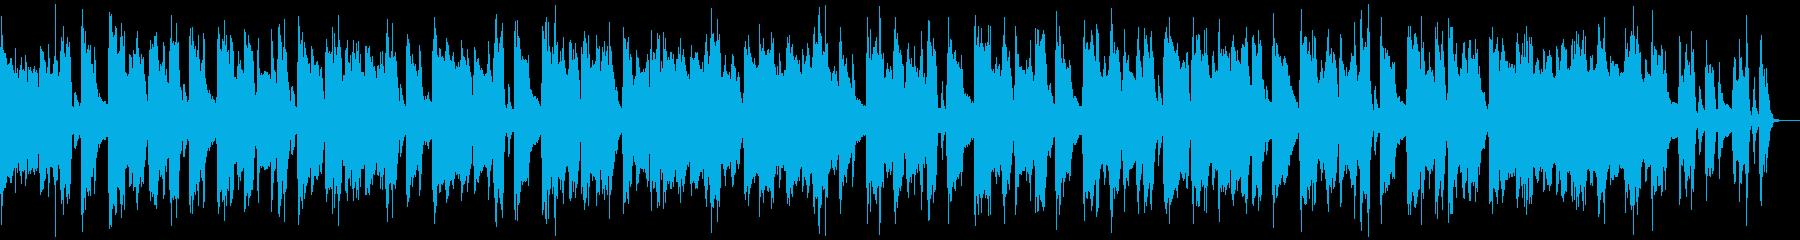 サッカー・スポーツ/情熱的BGM30秒2の再生済みの波形